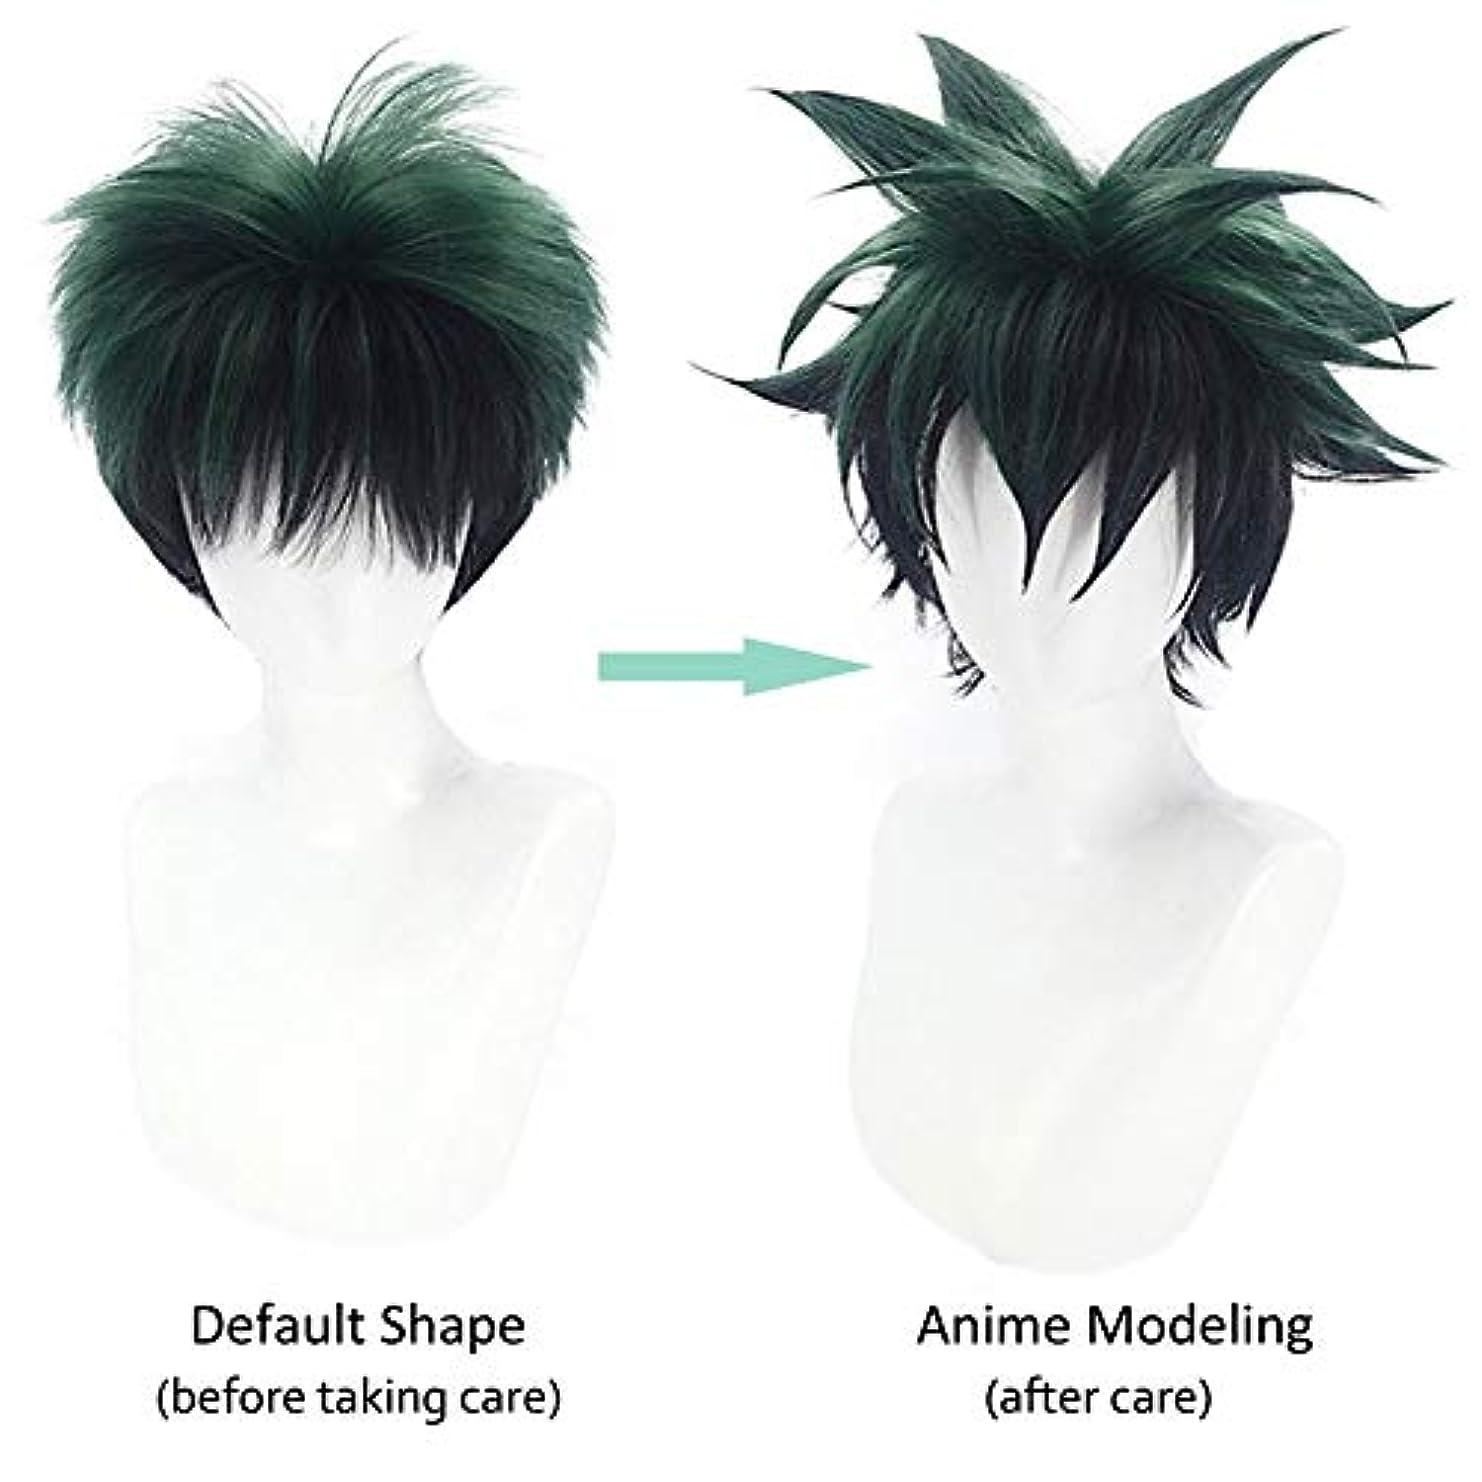 クルーズディレクター配管工1ピースショートブラックグリーンアニメコスプレウィッグ2色グラデーションコスプレウィッグマット高温シルク合成反反りウィッグ無料ウィッグキャップ付き